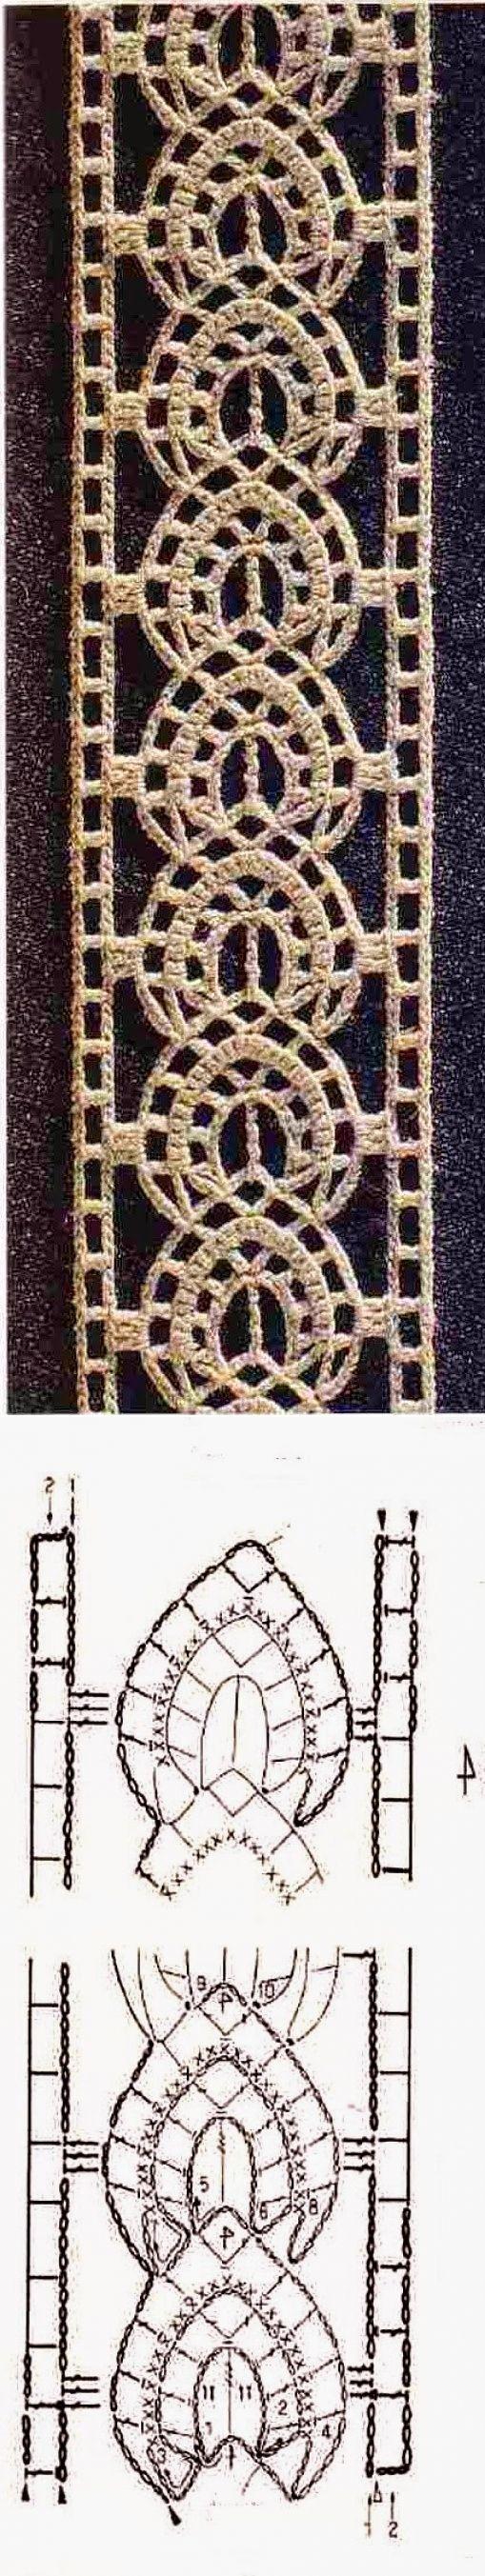 148 Best Crochet Edges Amp Borders Images On Pinterest